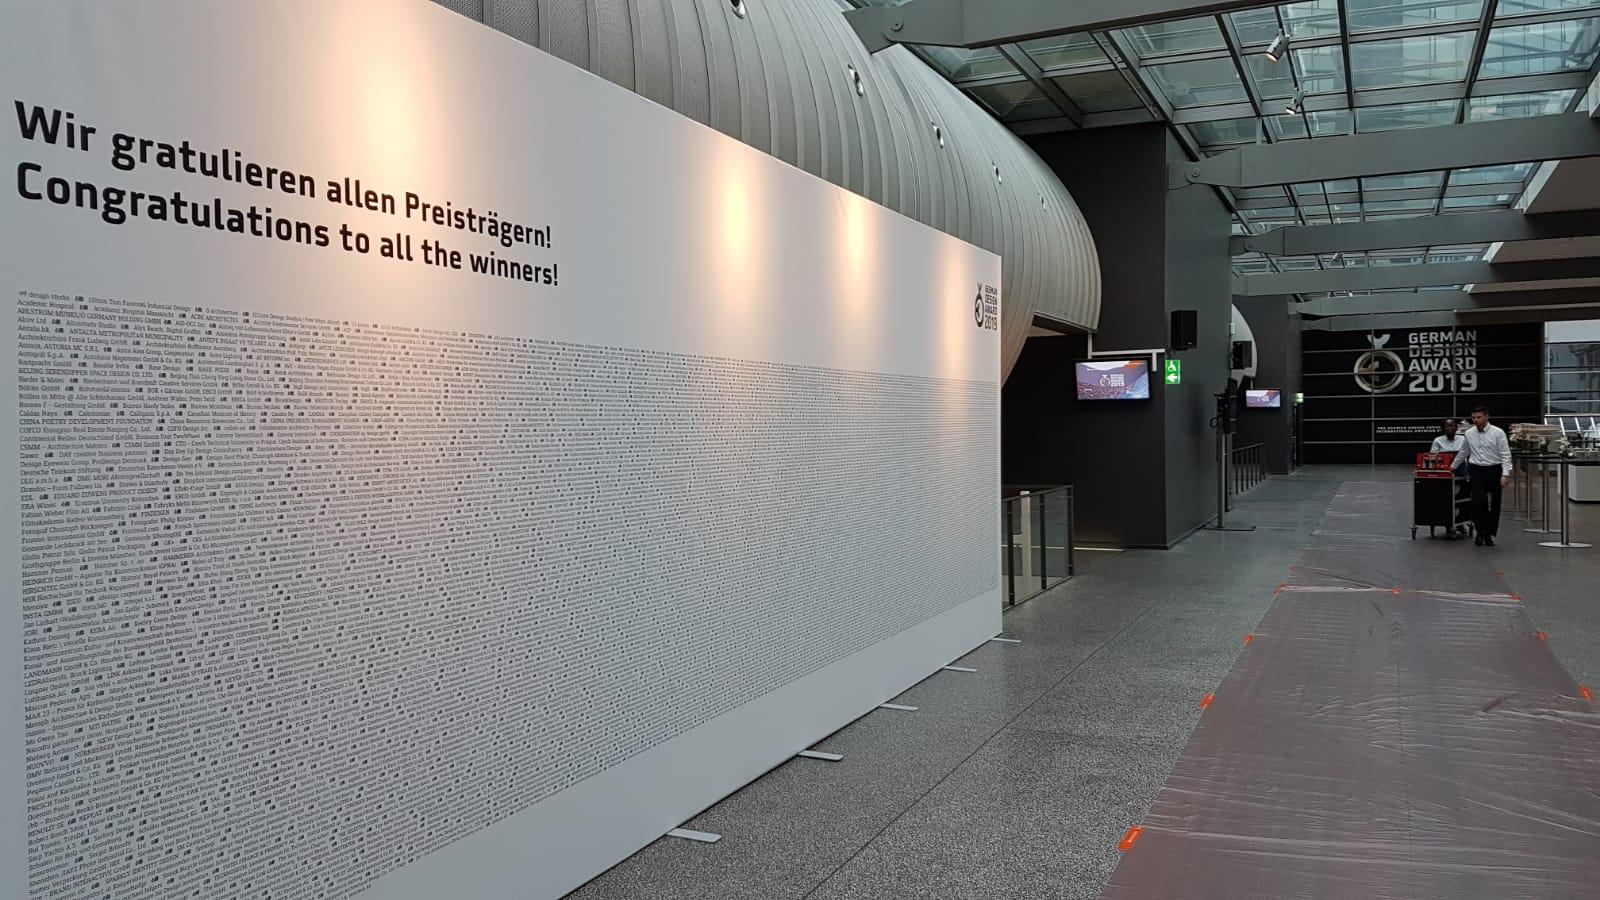 Verleihung_German_Design_Award_2019_Innen & Architektur_Studer.jpg